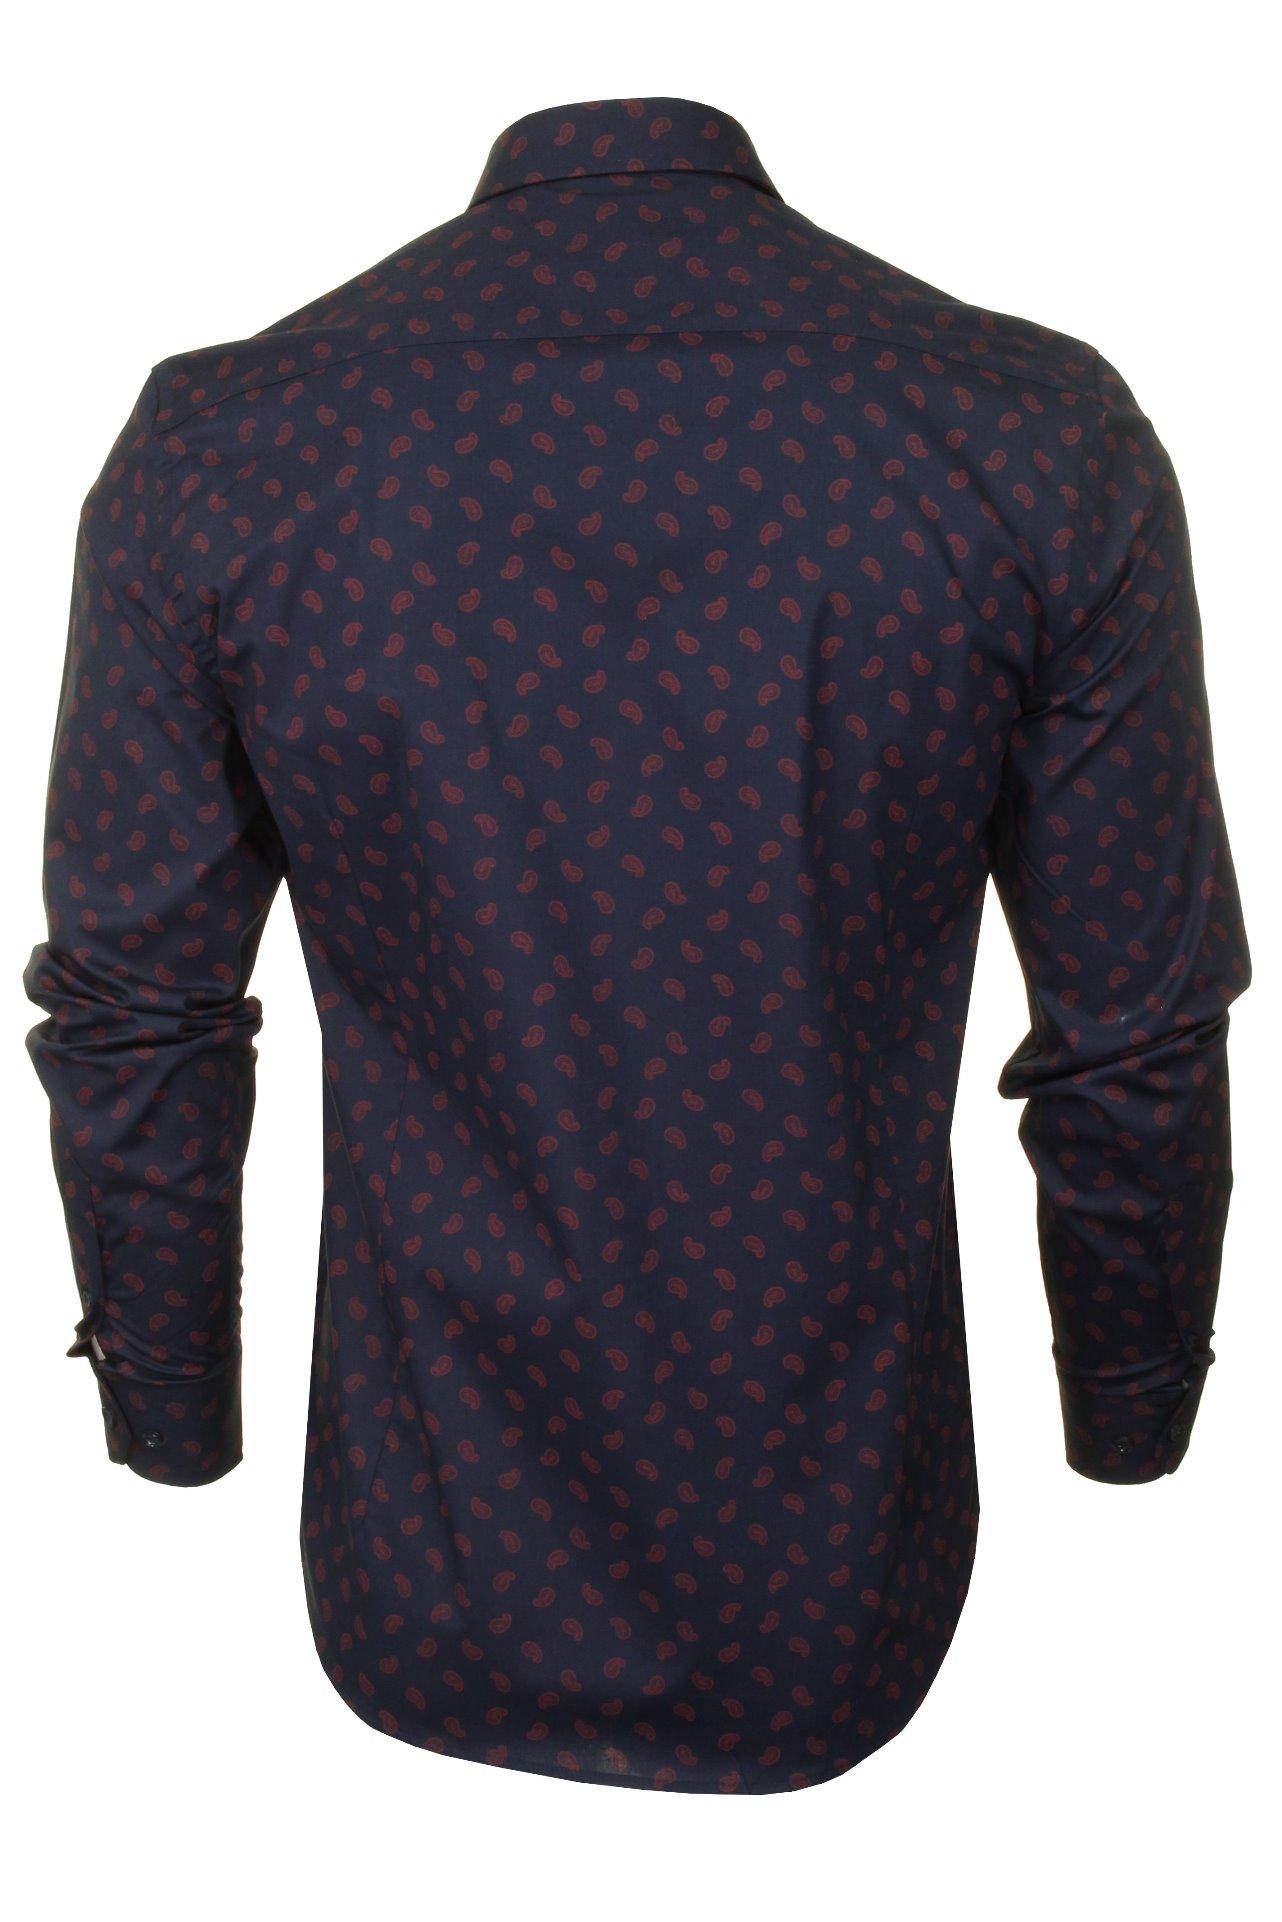 Xact-Mens-Long-Sleeved-Paisley-Shirt-Slim-Fit thumbnail 23